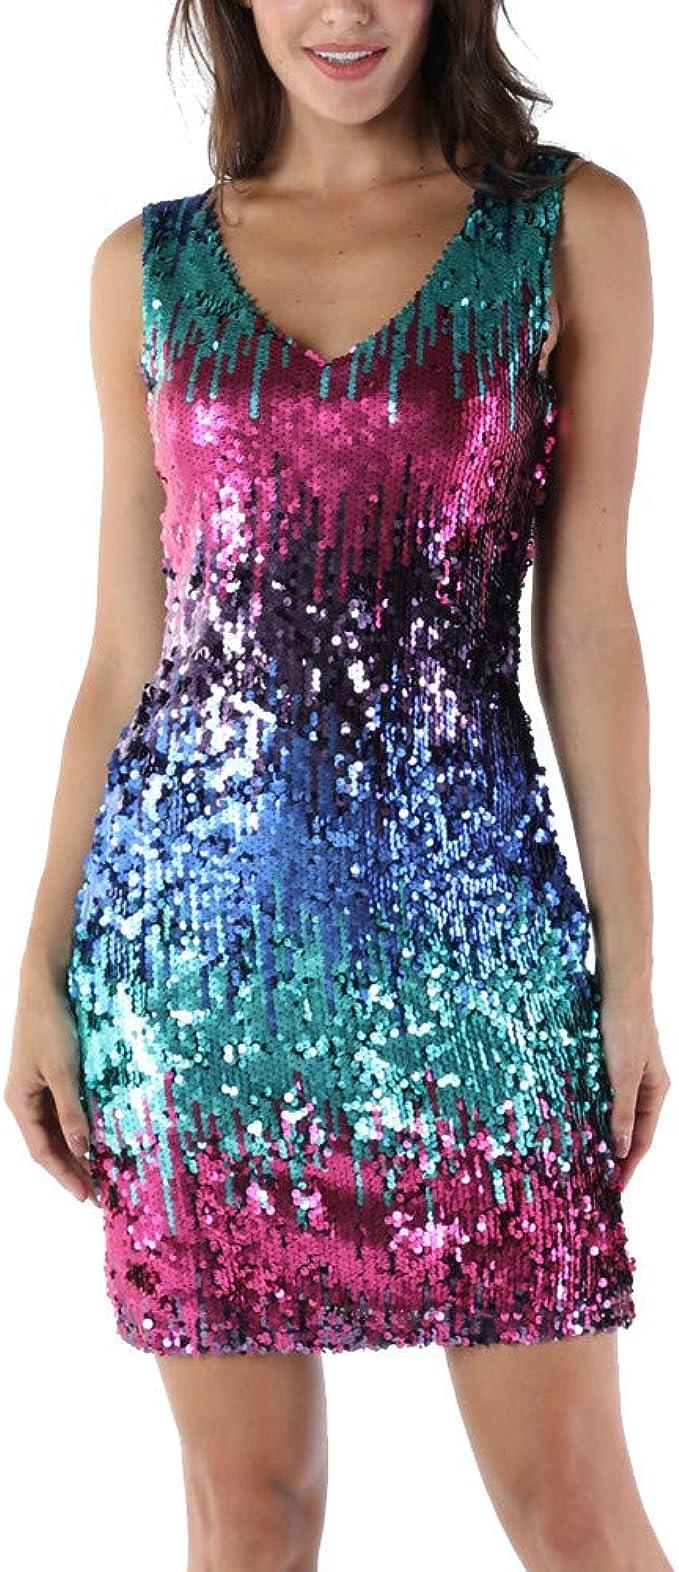 Longra Damen Paillettenkleid Minikleid Ärmellos V-Ausschnitt Sparkly  Glitzer Cocktailkleid Abendkleid Partykleider Bodycon Etuikleider Festliche